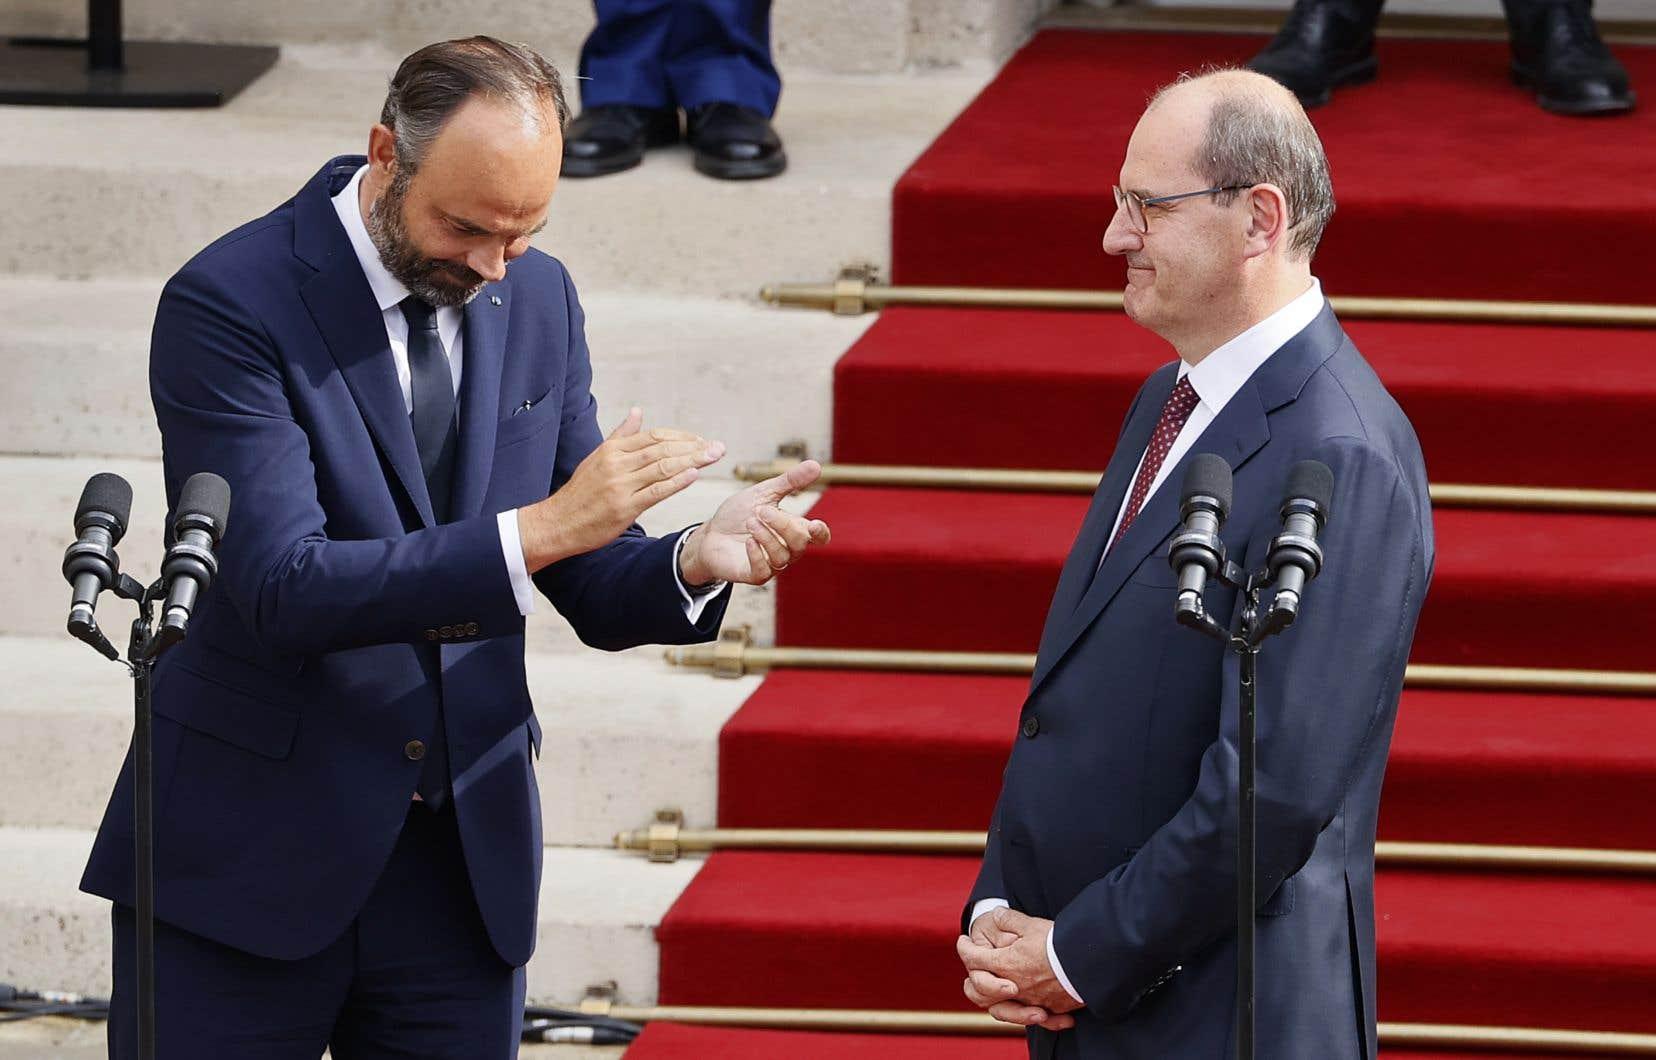 La passation des pouvoirs entre Édouard Philippe et Jean Castex s'est faite dans la plus grande cordialité.